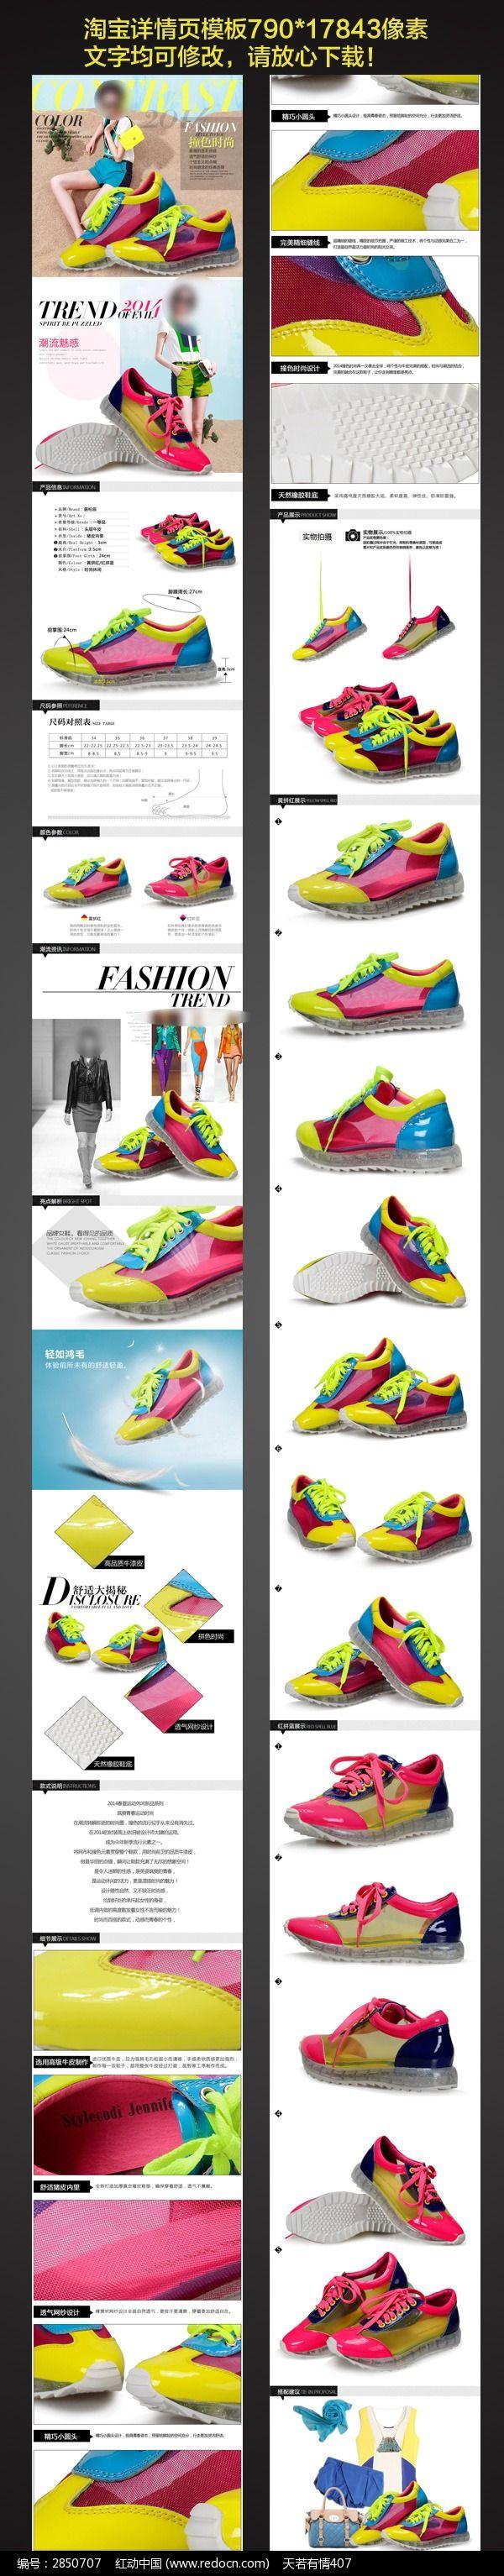 鞋样板设计的步骤